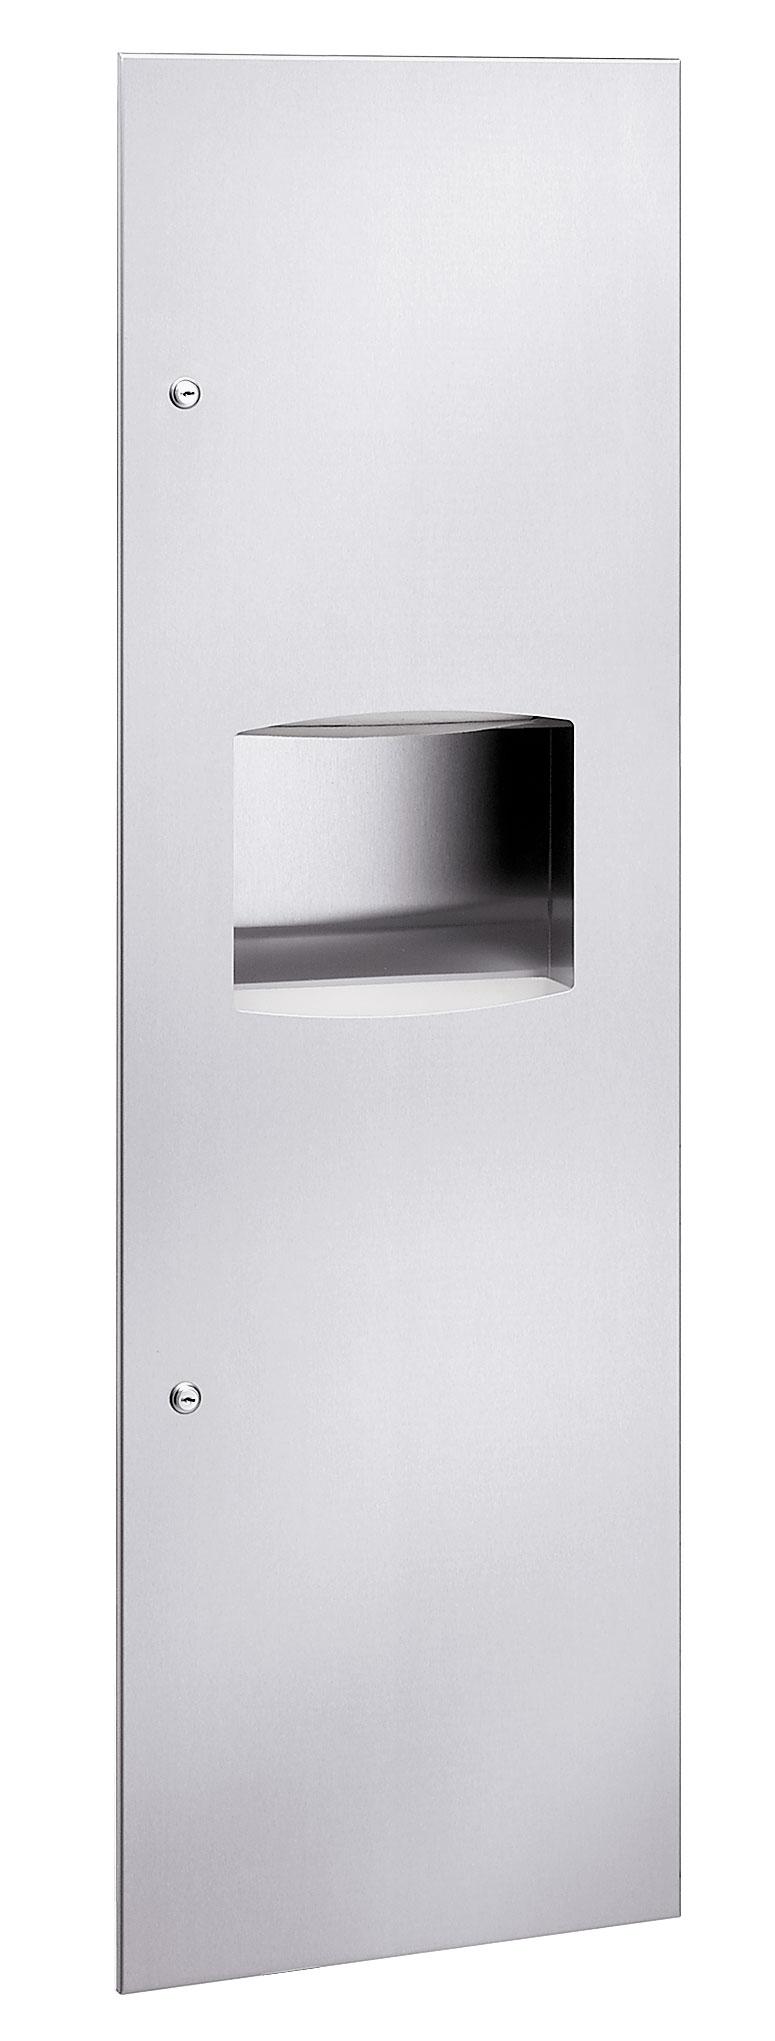 Bradley 2037-10 Semi-Recessed Folded Towel Dispenser & 11.2 gal. Waste Receptacle